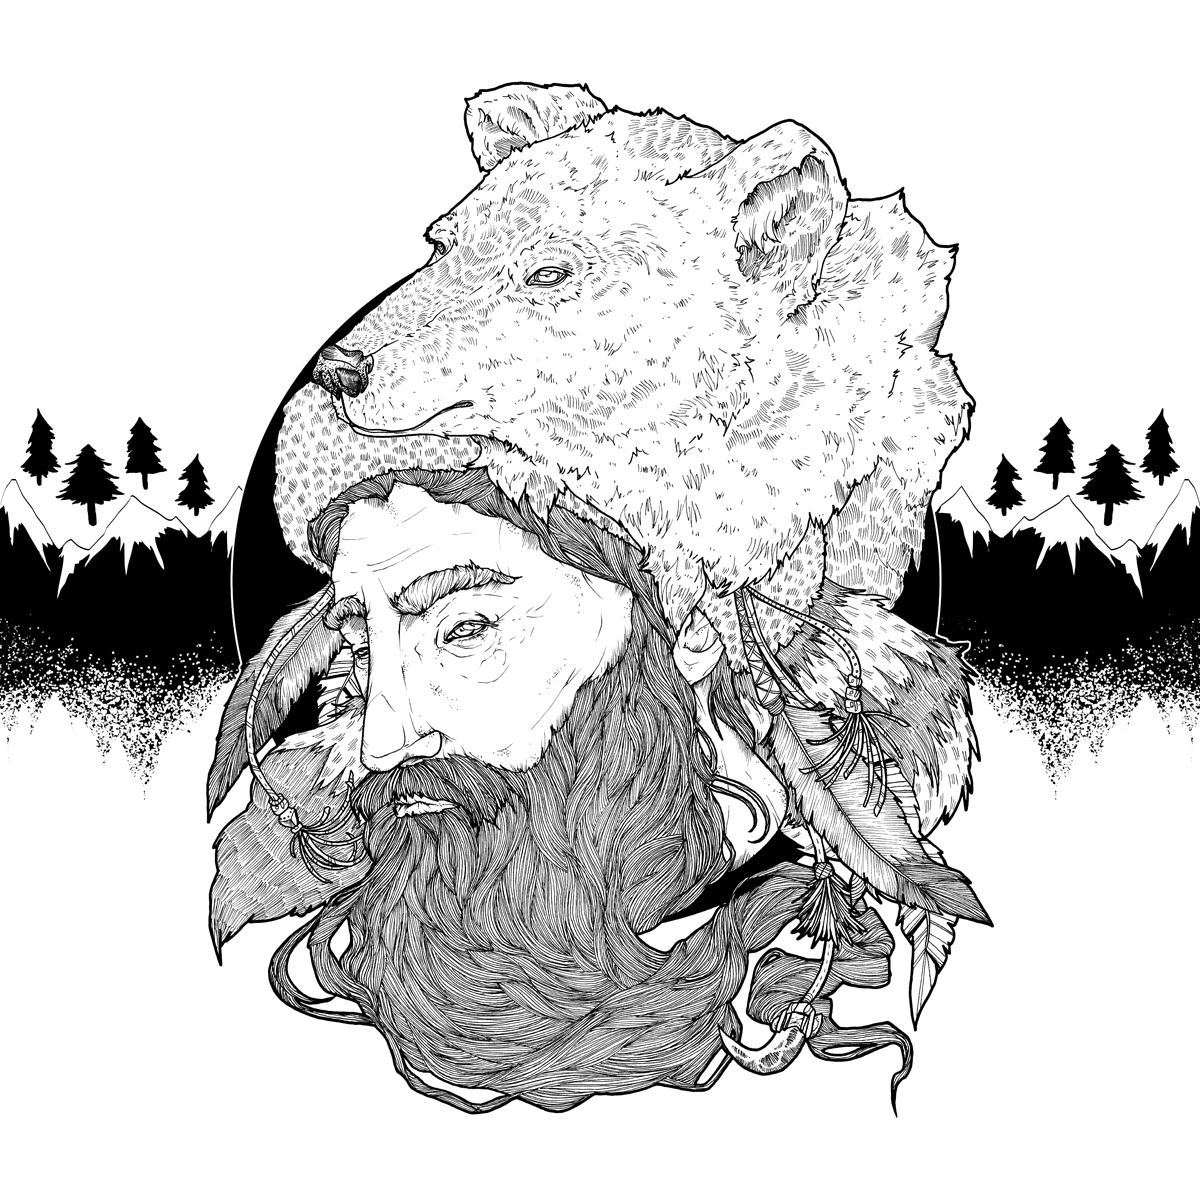 album art for folk musician jeremiah tall